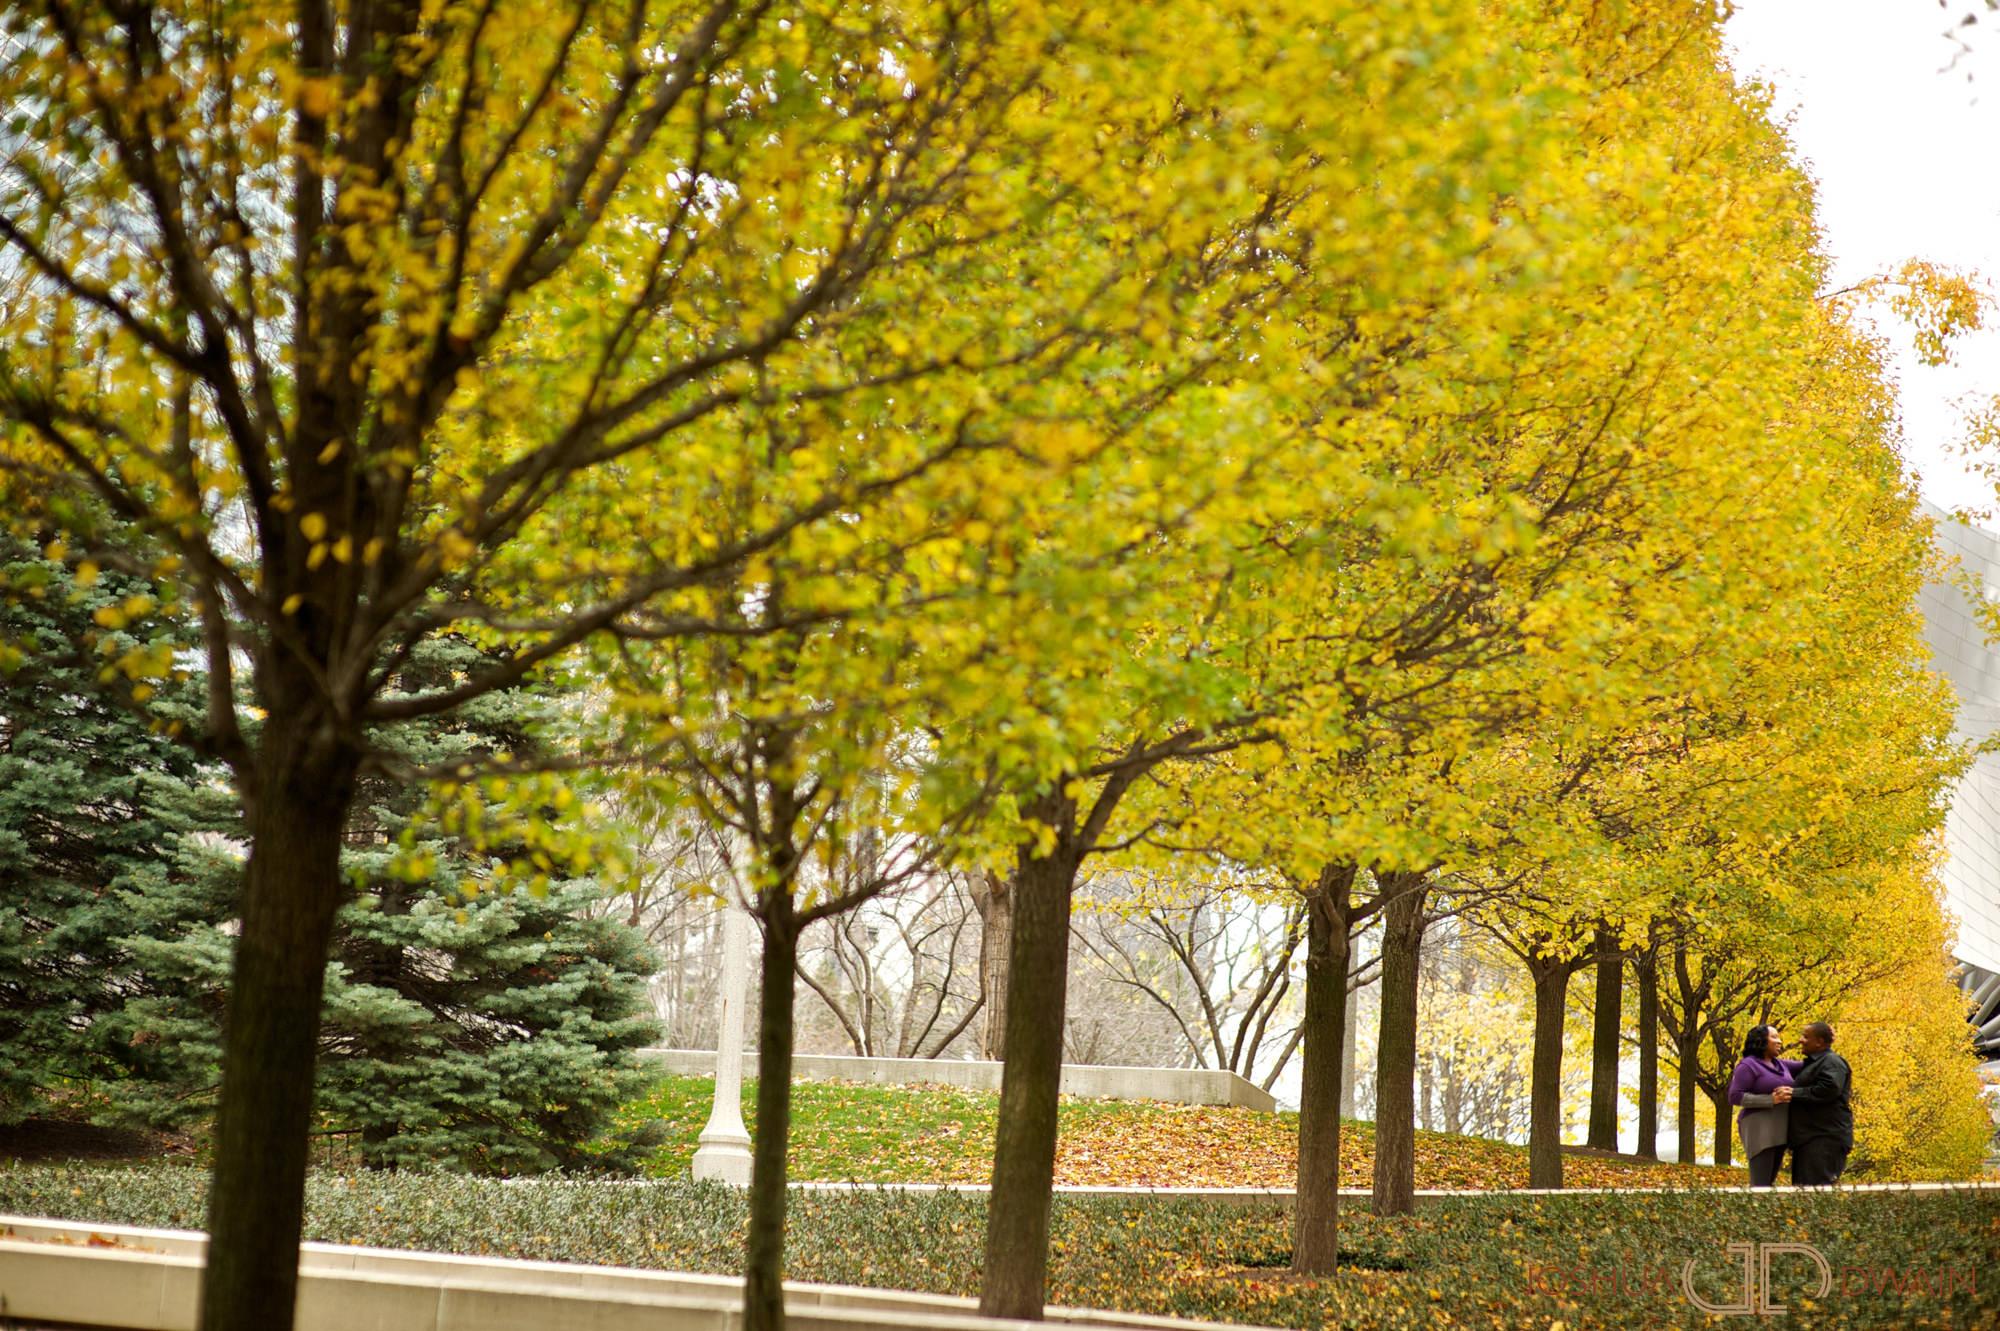 monique-john-002-chicago-il-engagement-photographer-joshua-dwain-2011-11-19_mj_012